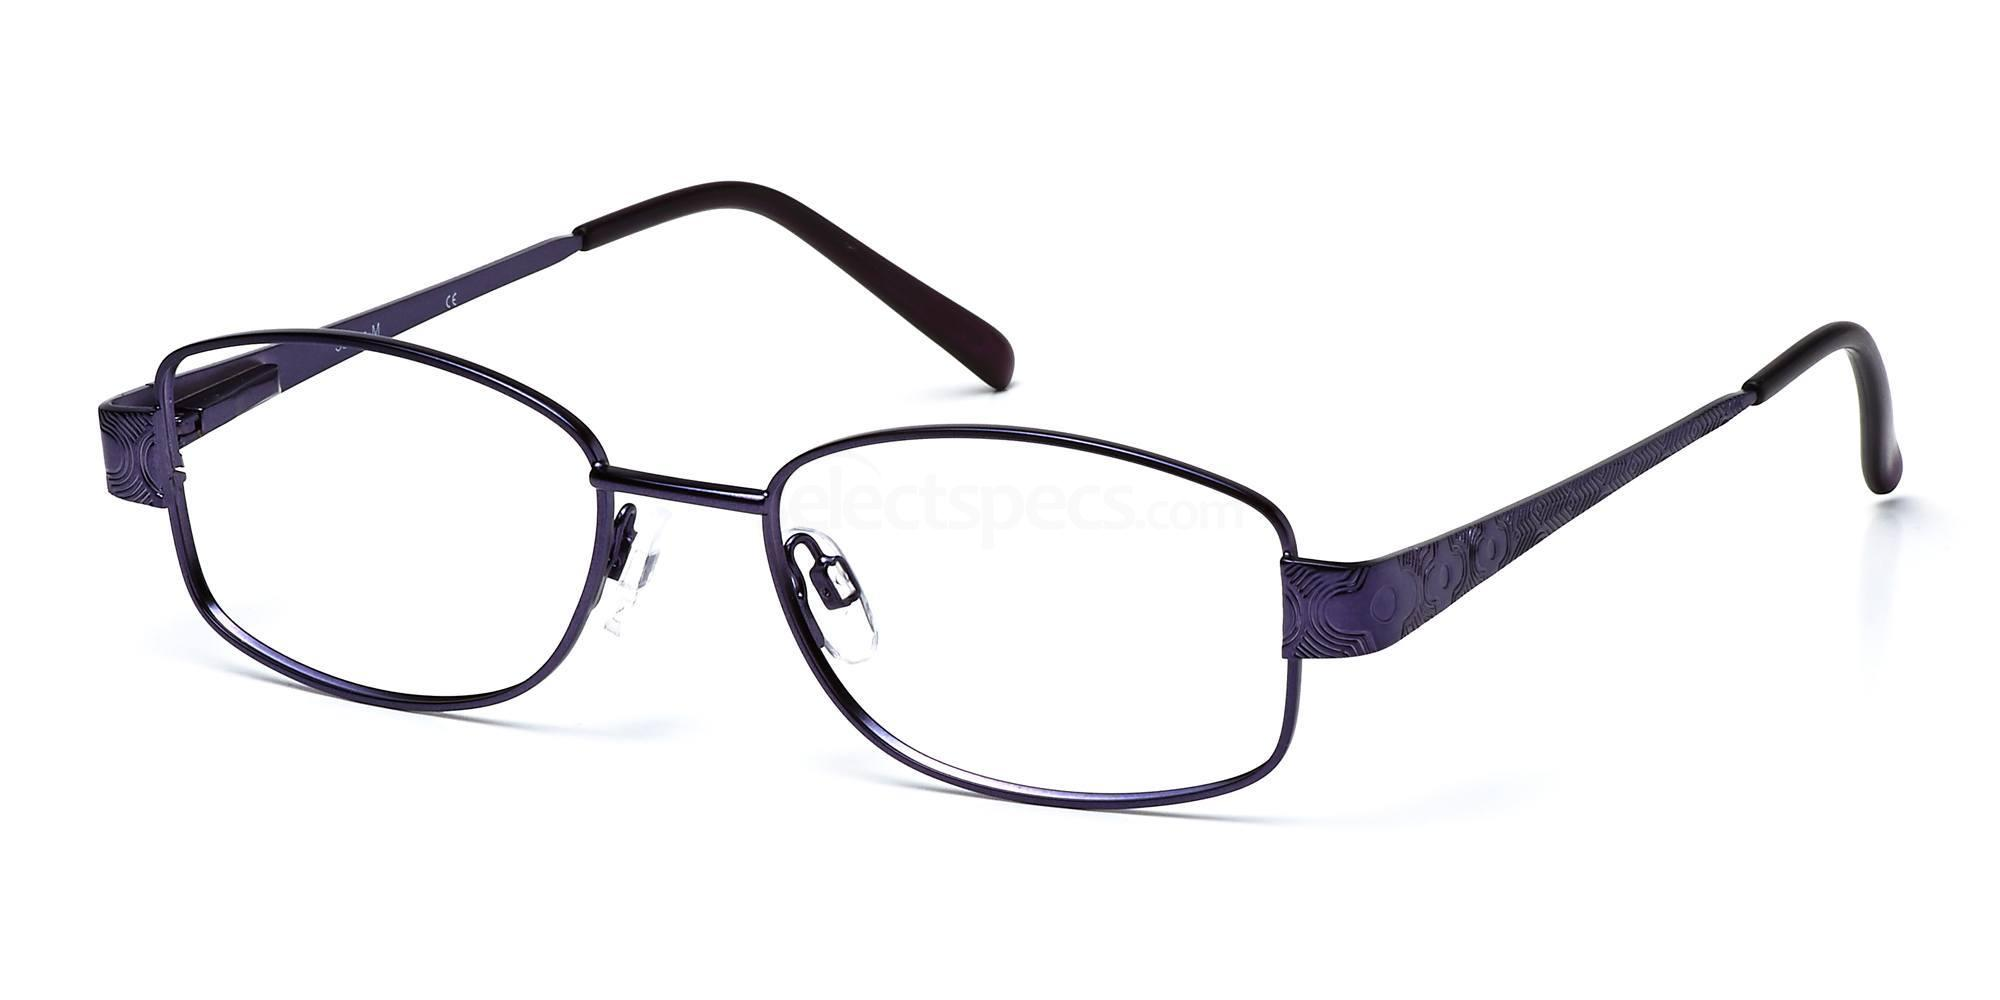 C1 SATM Glasses, Saturn